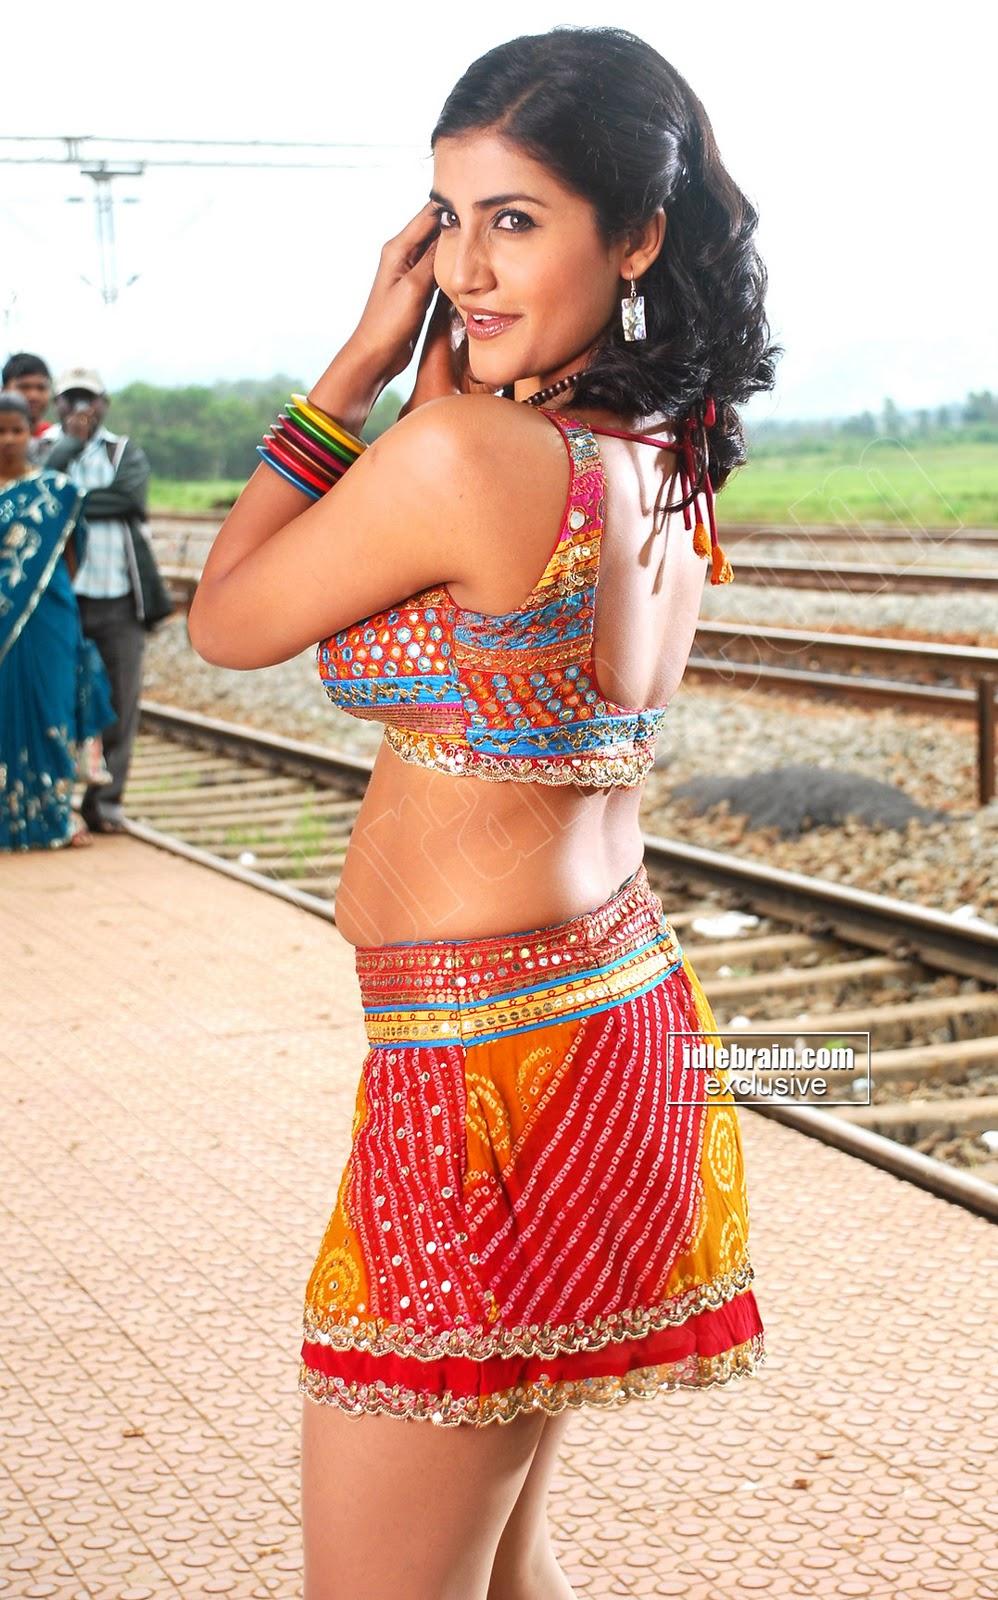 HOT INDIAN ACTRESS BLOG: Desi Hot Indian MASALA ITEM GIRL Kausha Hot Pics: MASALA BLOG DESI